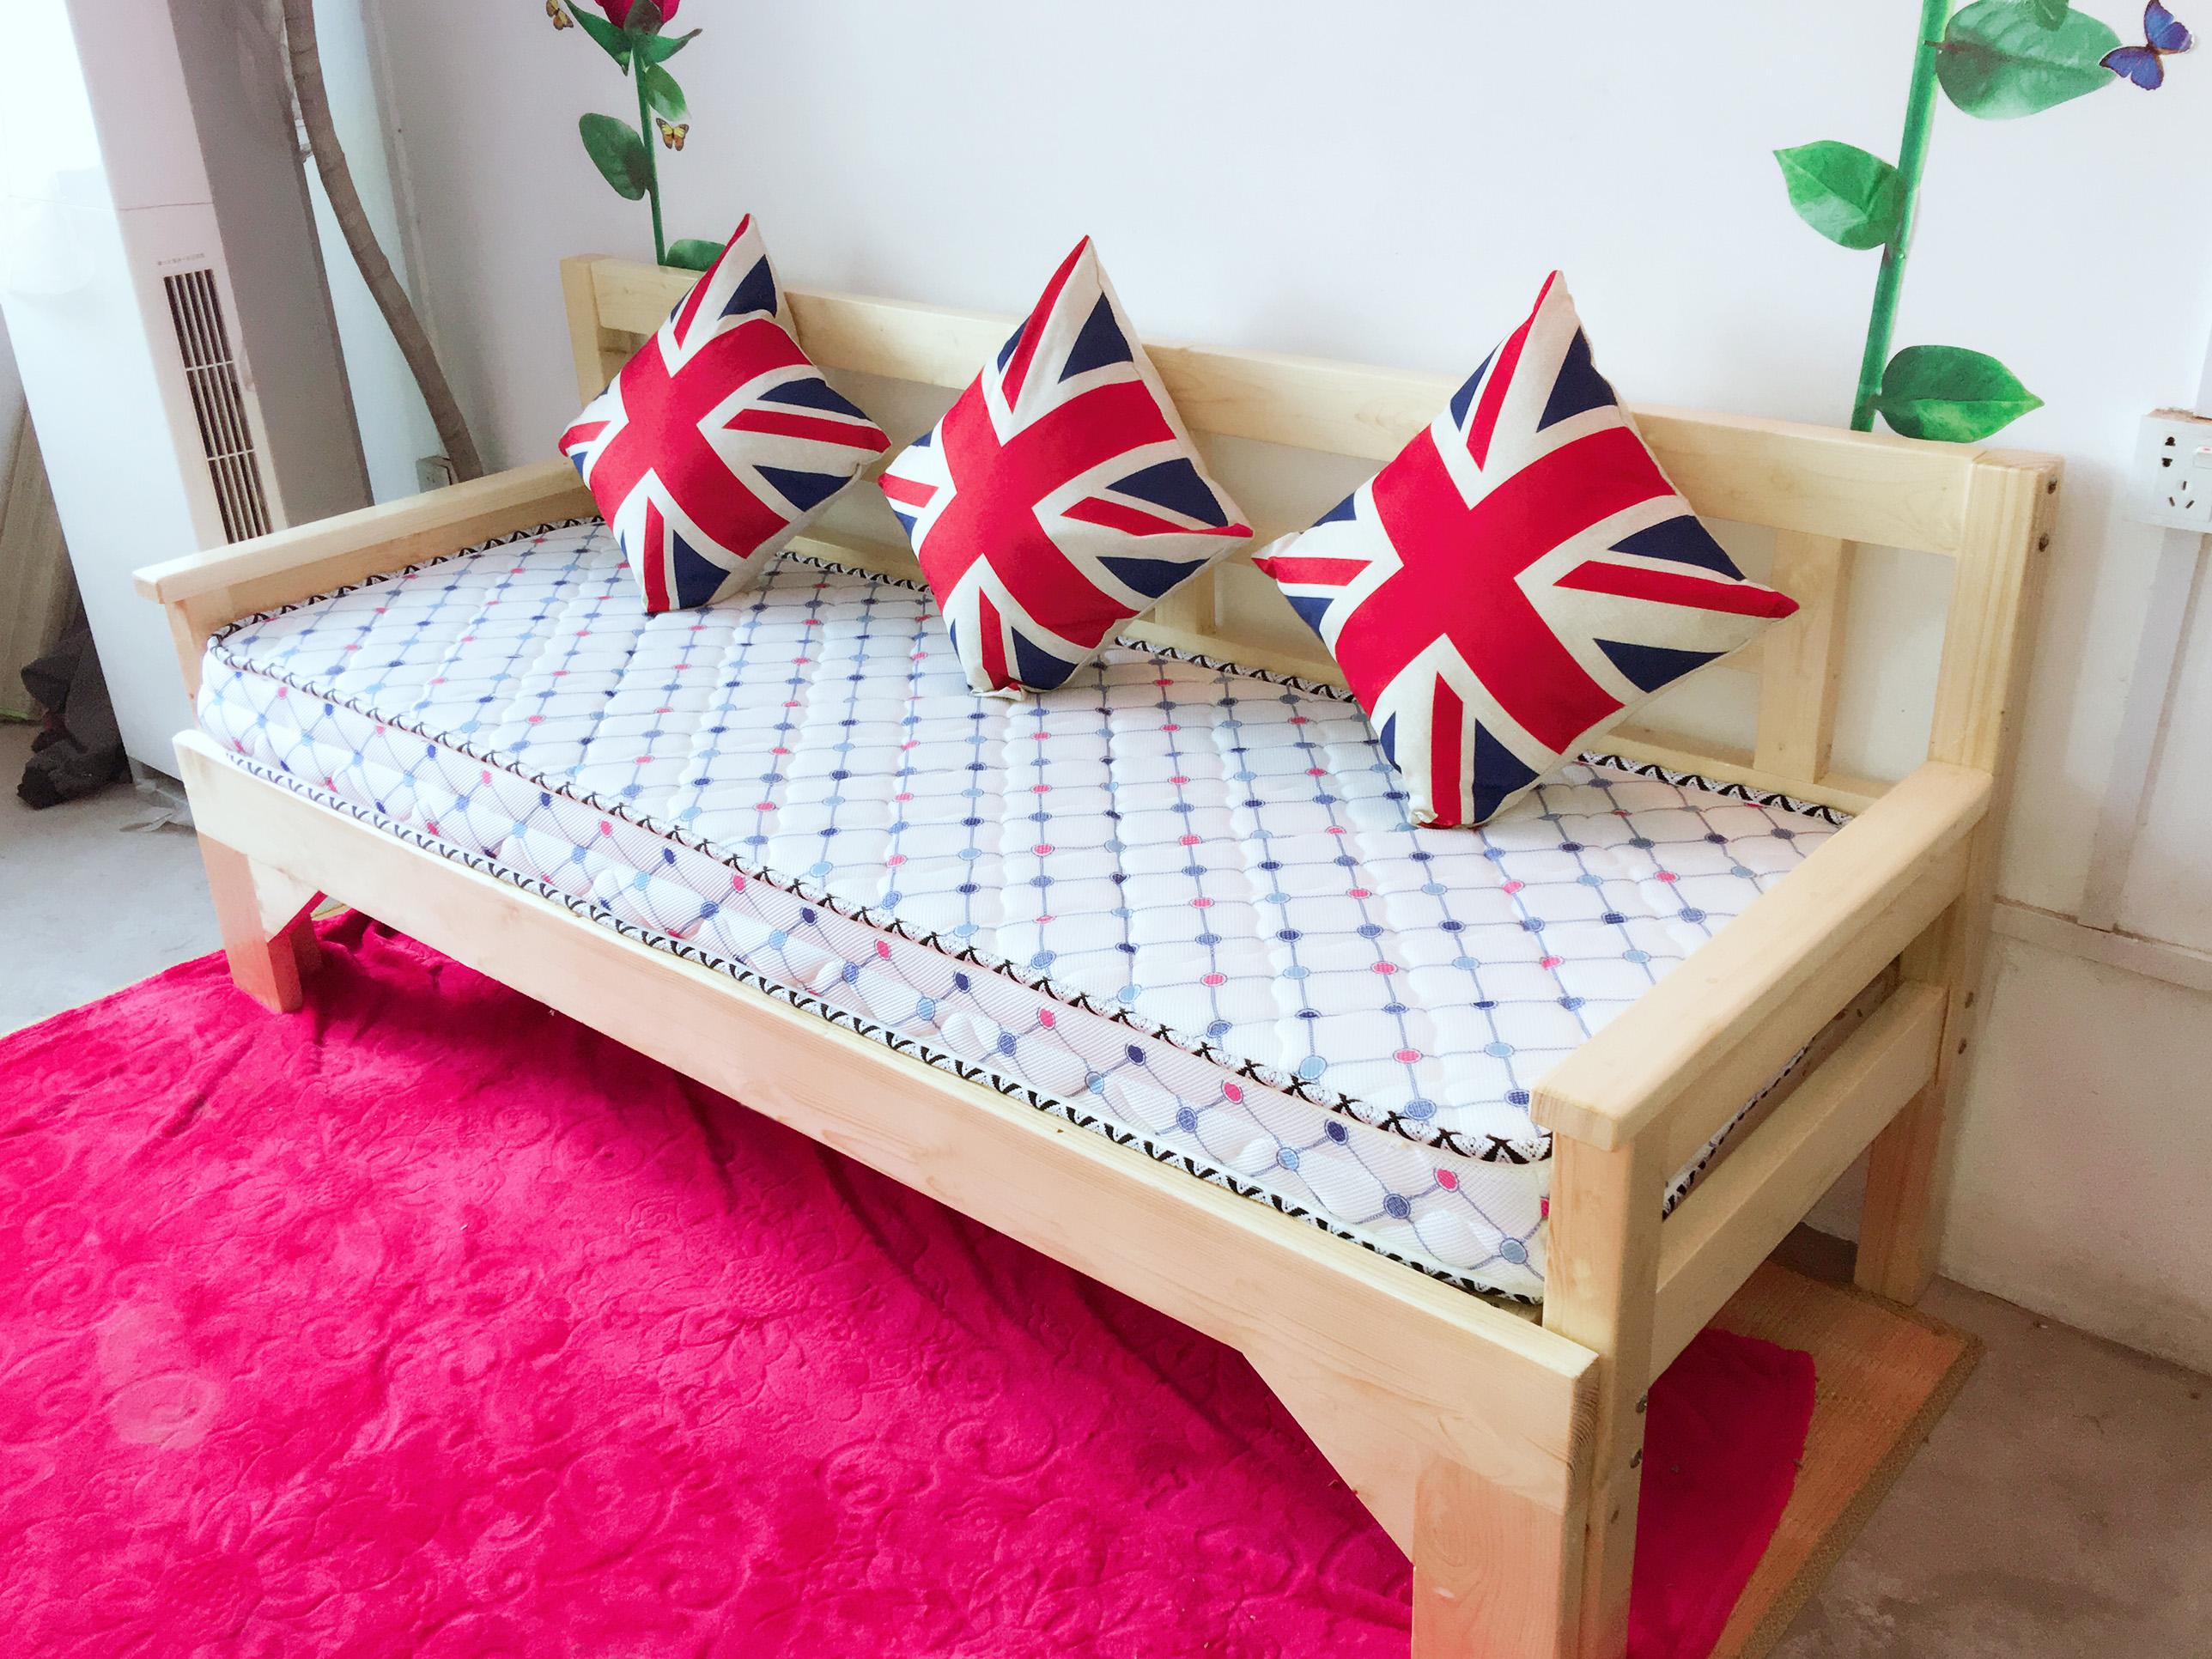 σπρώξε τον καναπέ - κρεβάτι συνδυασμό ξύλο 1,2 μέτρα 1,5 μέτρα άντλησης άνοιγµα ανακληνώμενα πτυσσόμενο κρεβάτι πτυσσόμενο κρεβάτι 1,8